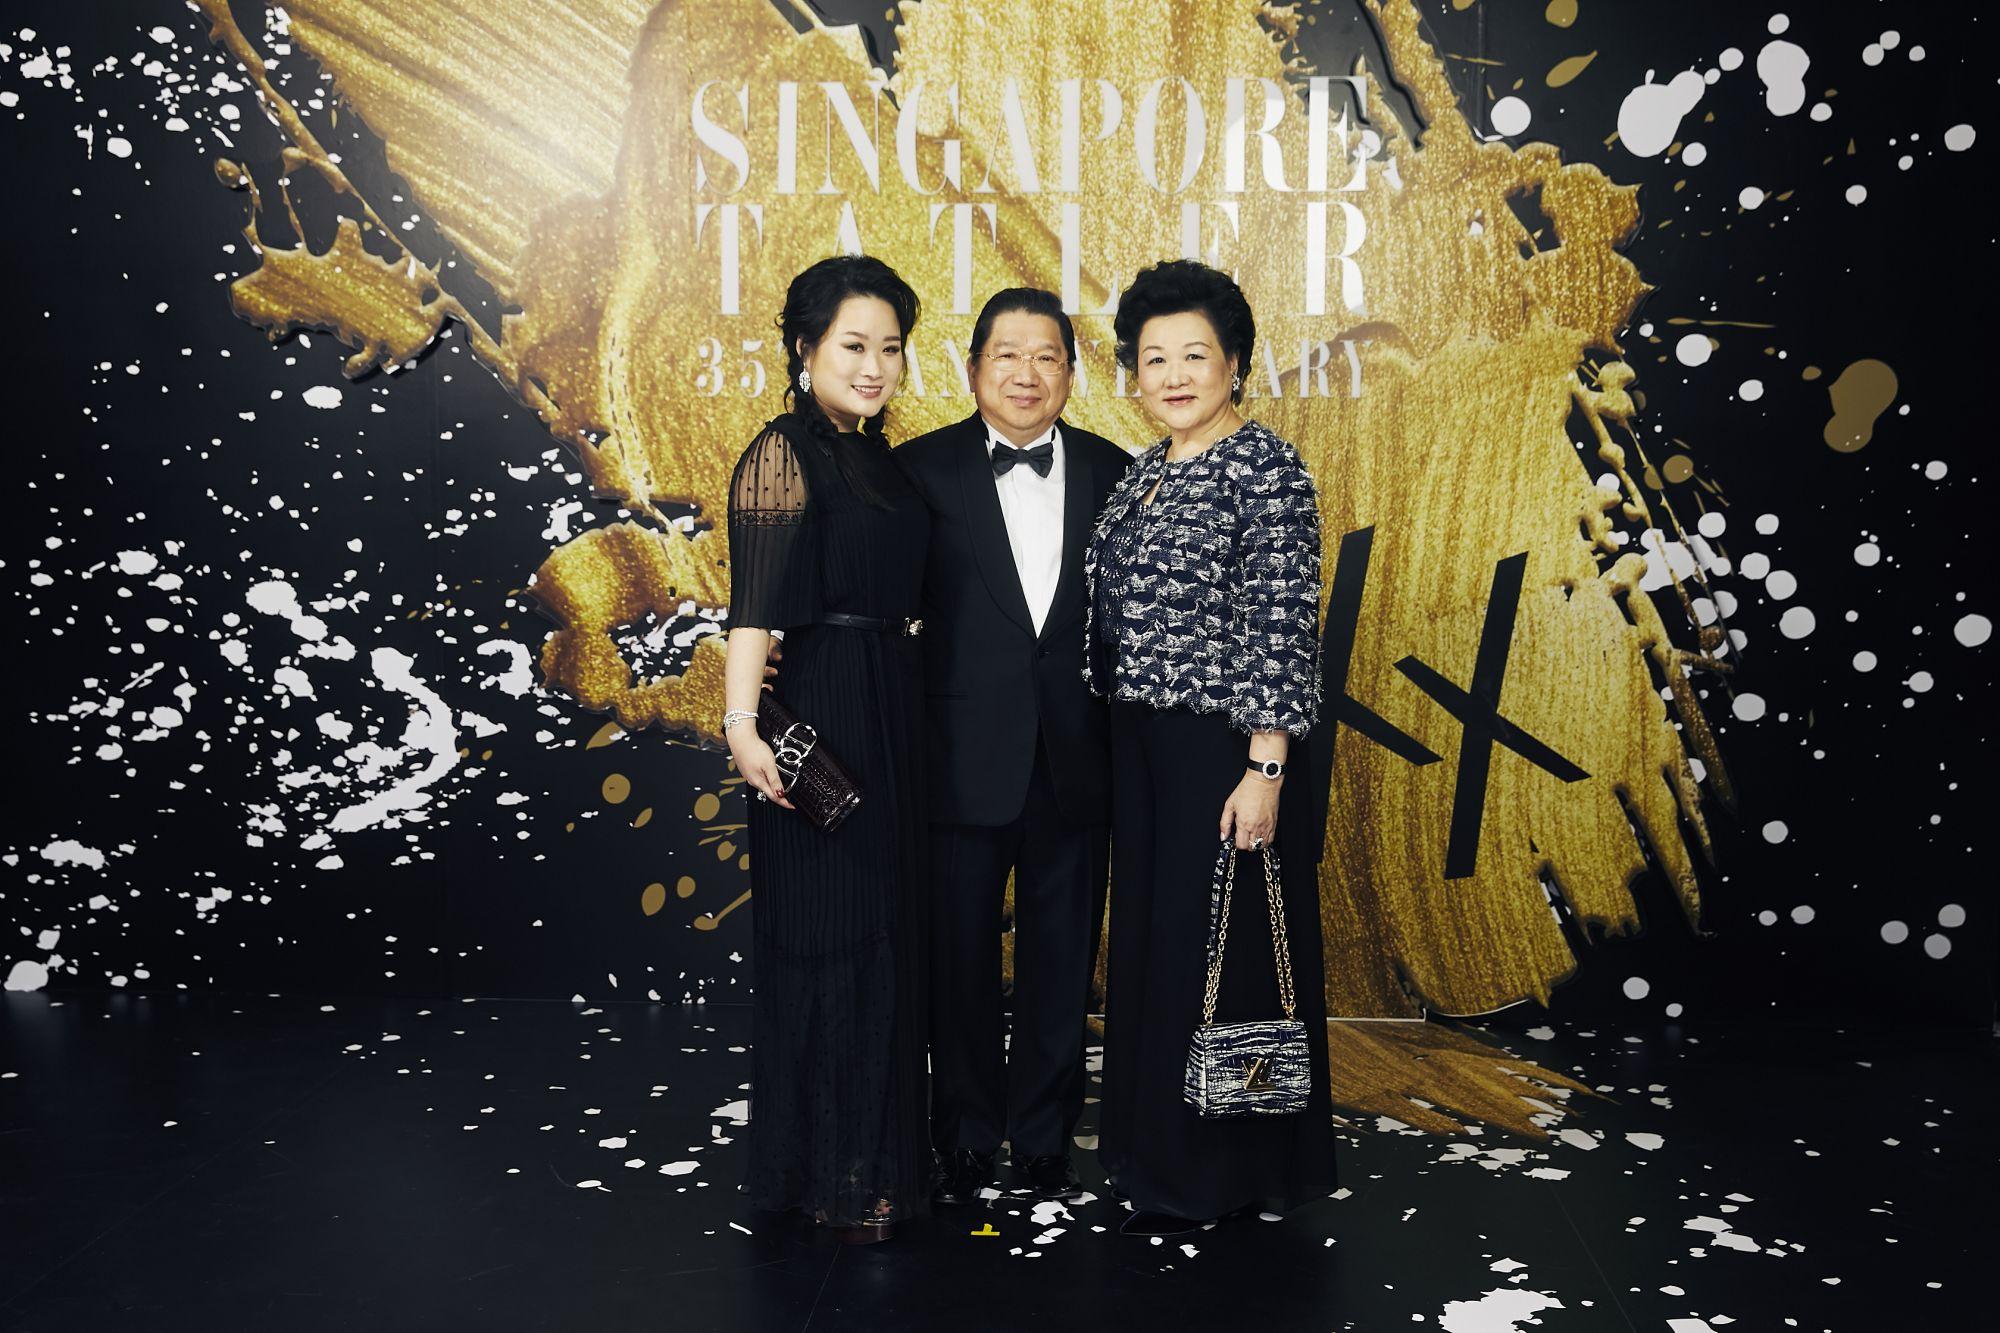 Lam Tze Tze, Lam Tong Loy, Lam Ping Lee